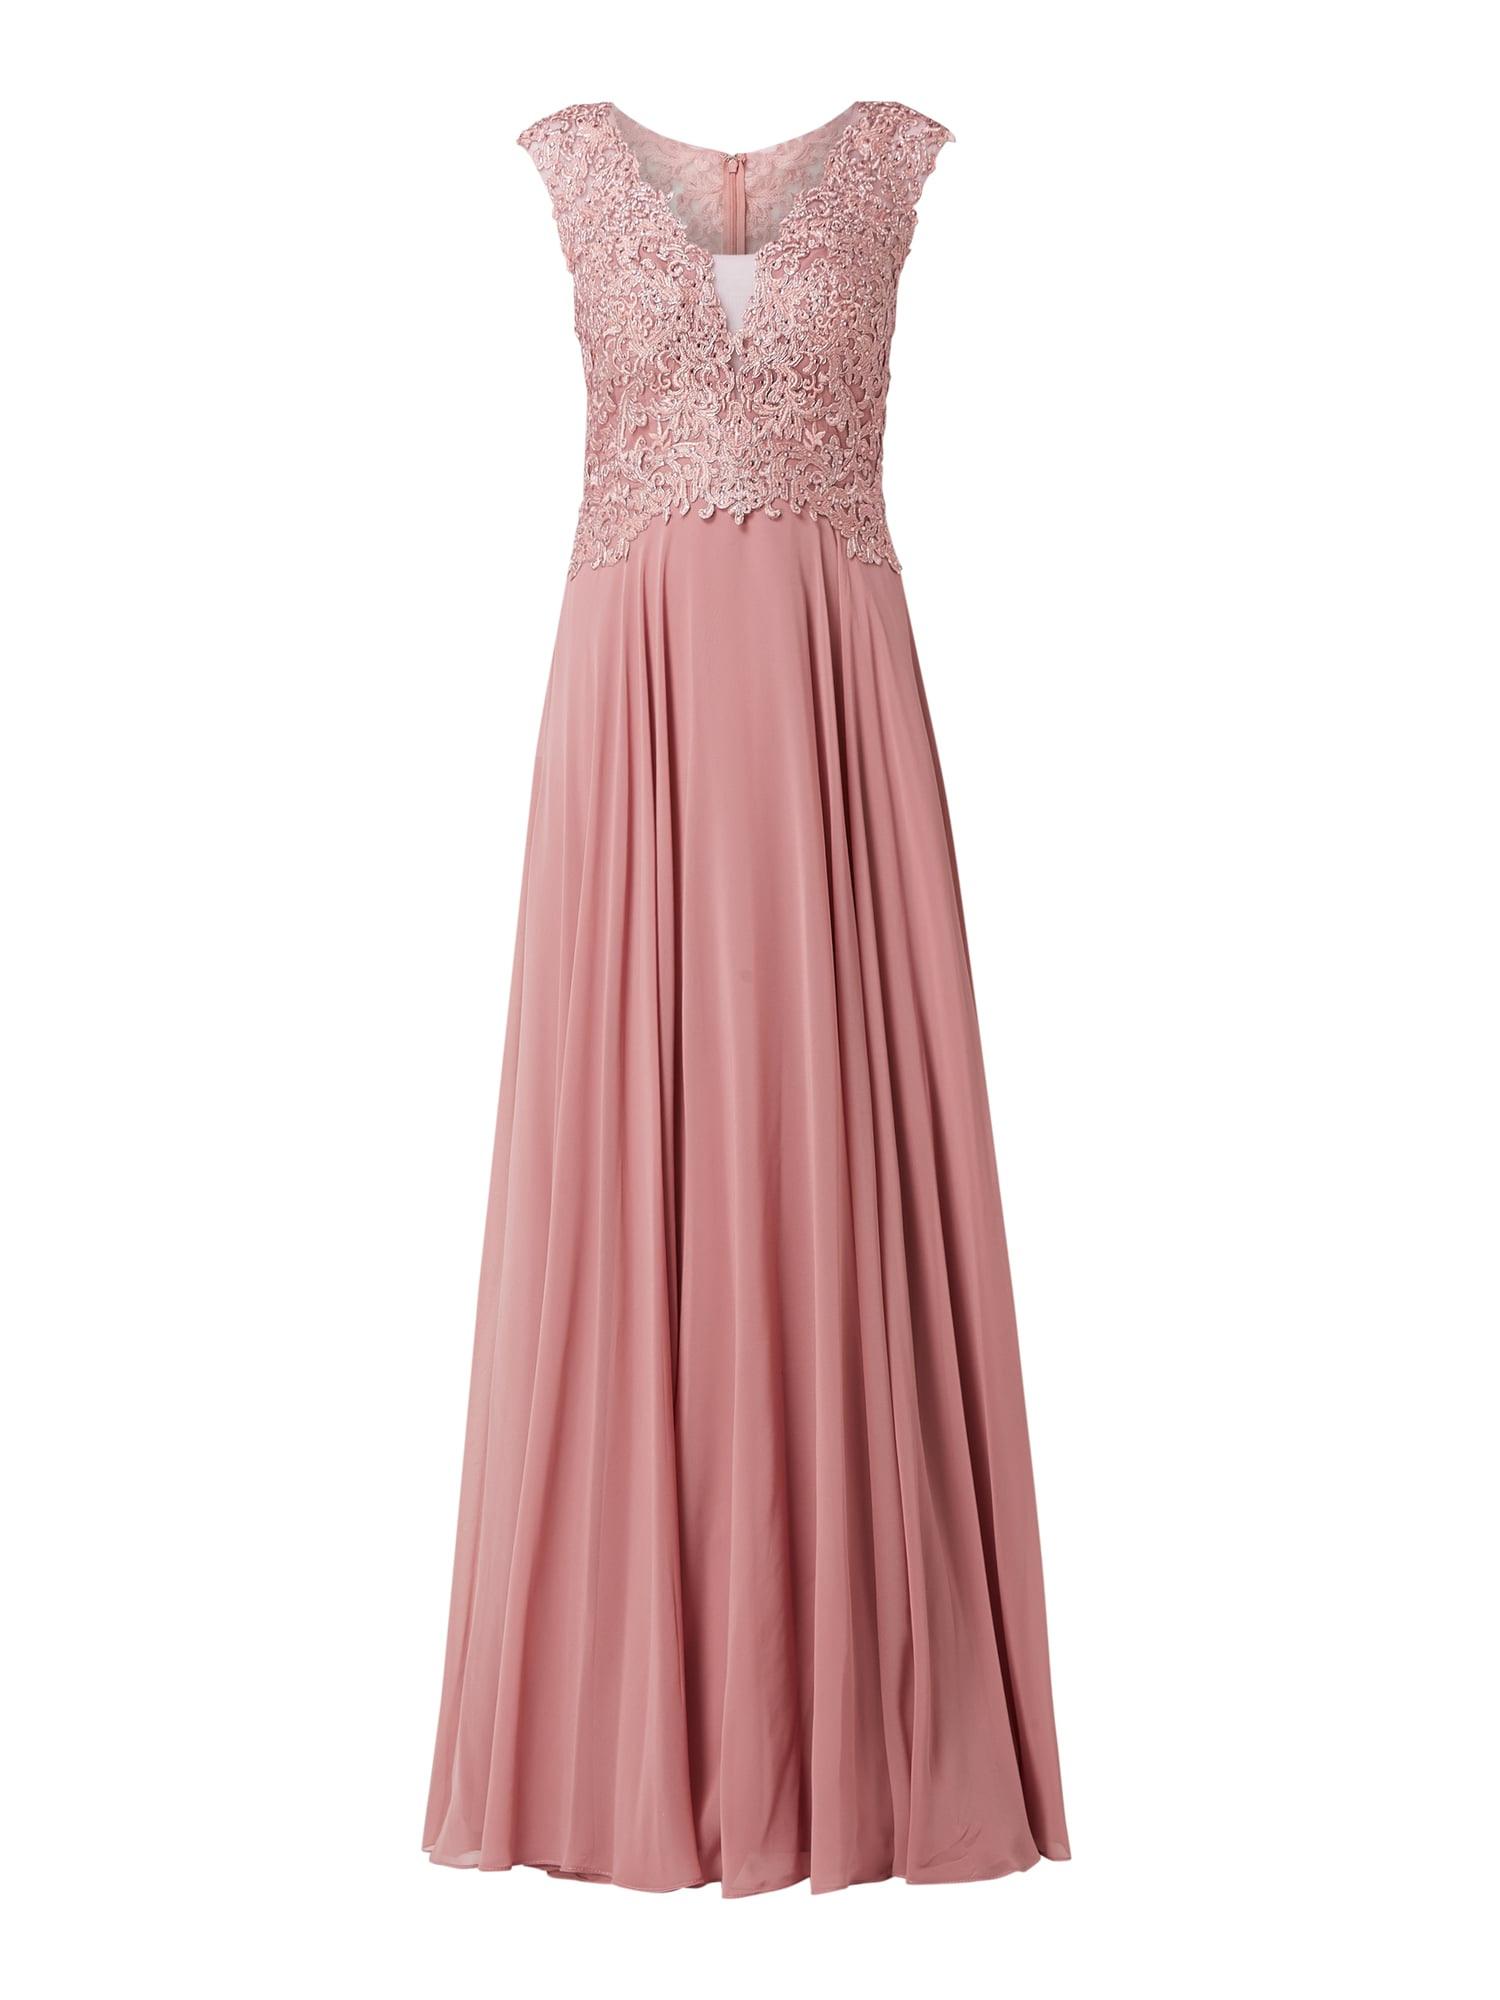 17 Kreativ Abendkleider Altrosa Bester PreisDesigner Top Abendkleider Altrosa Spezialgebiet